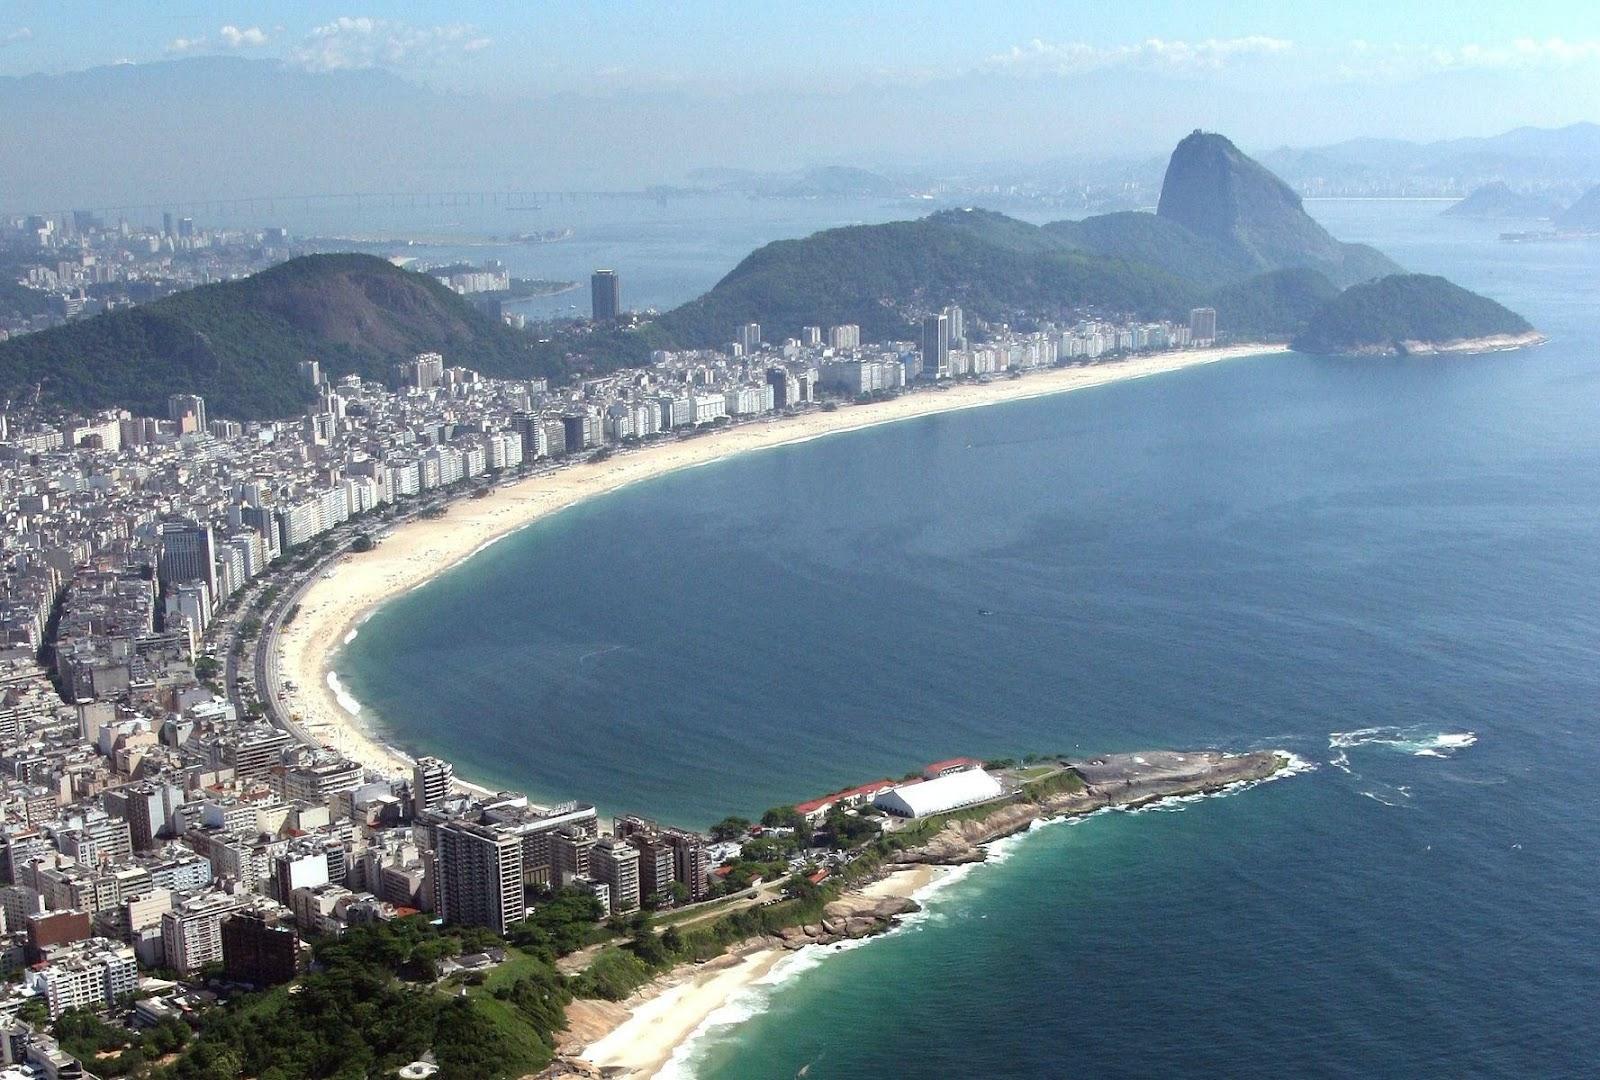 Rio De Janeiro Brazil  City pictures : Rio De Janeiro, Brazil Travel Guide and Travel Info Exotic Travel ...